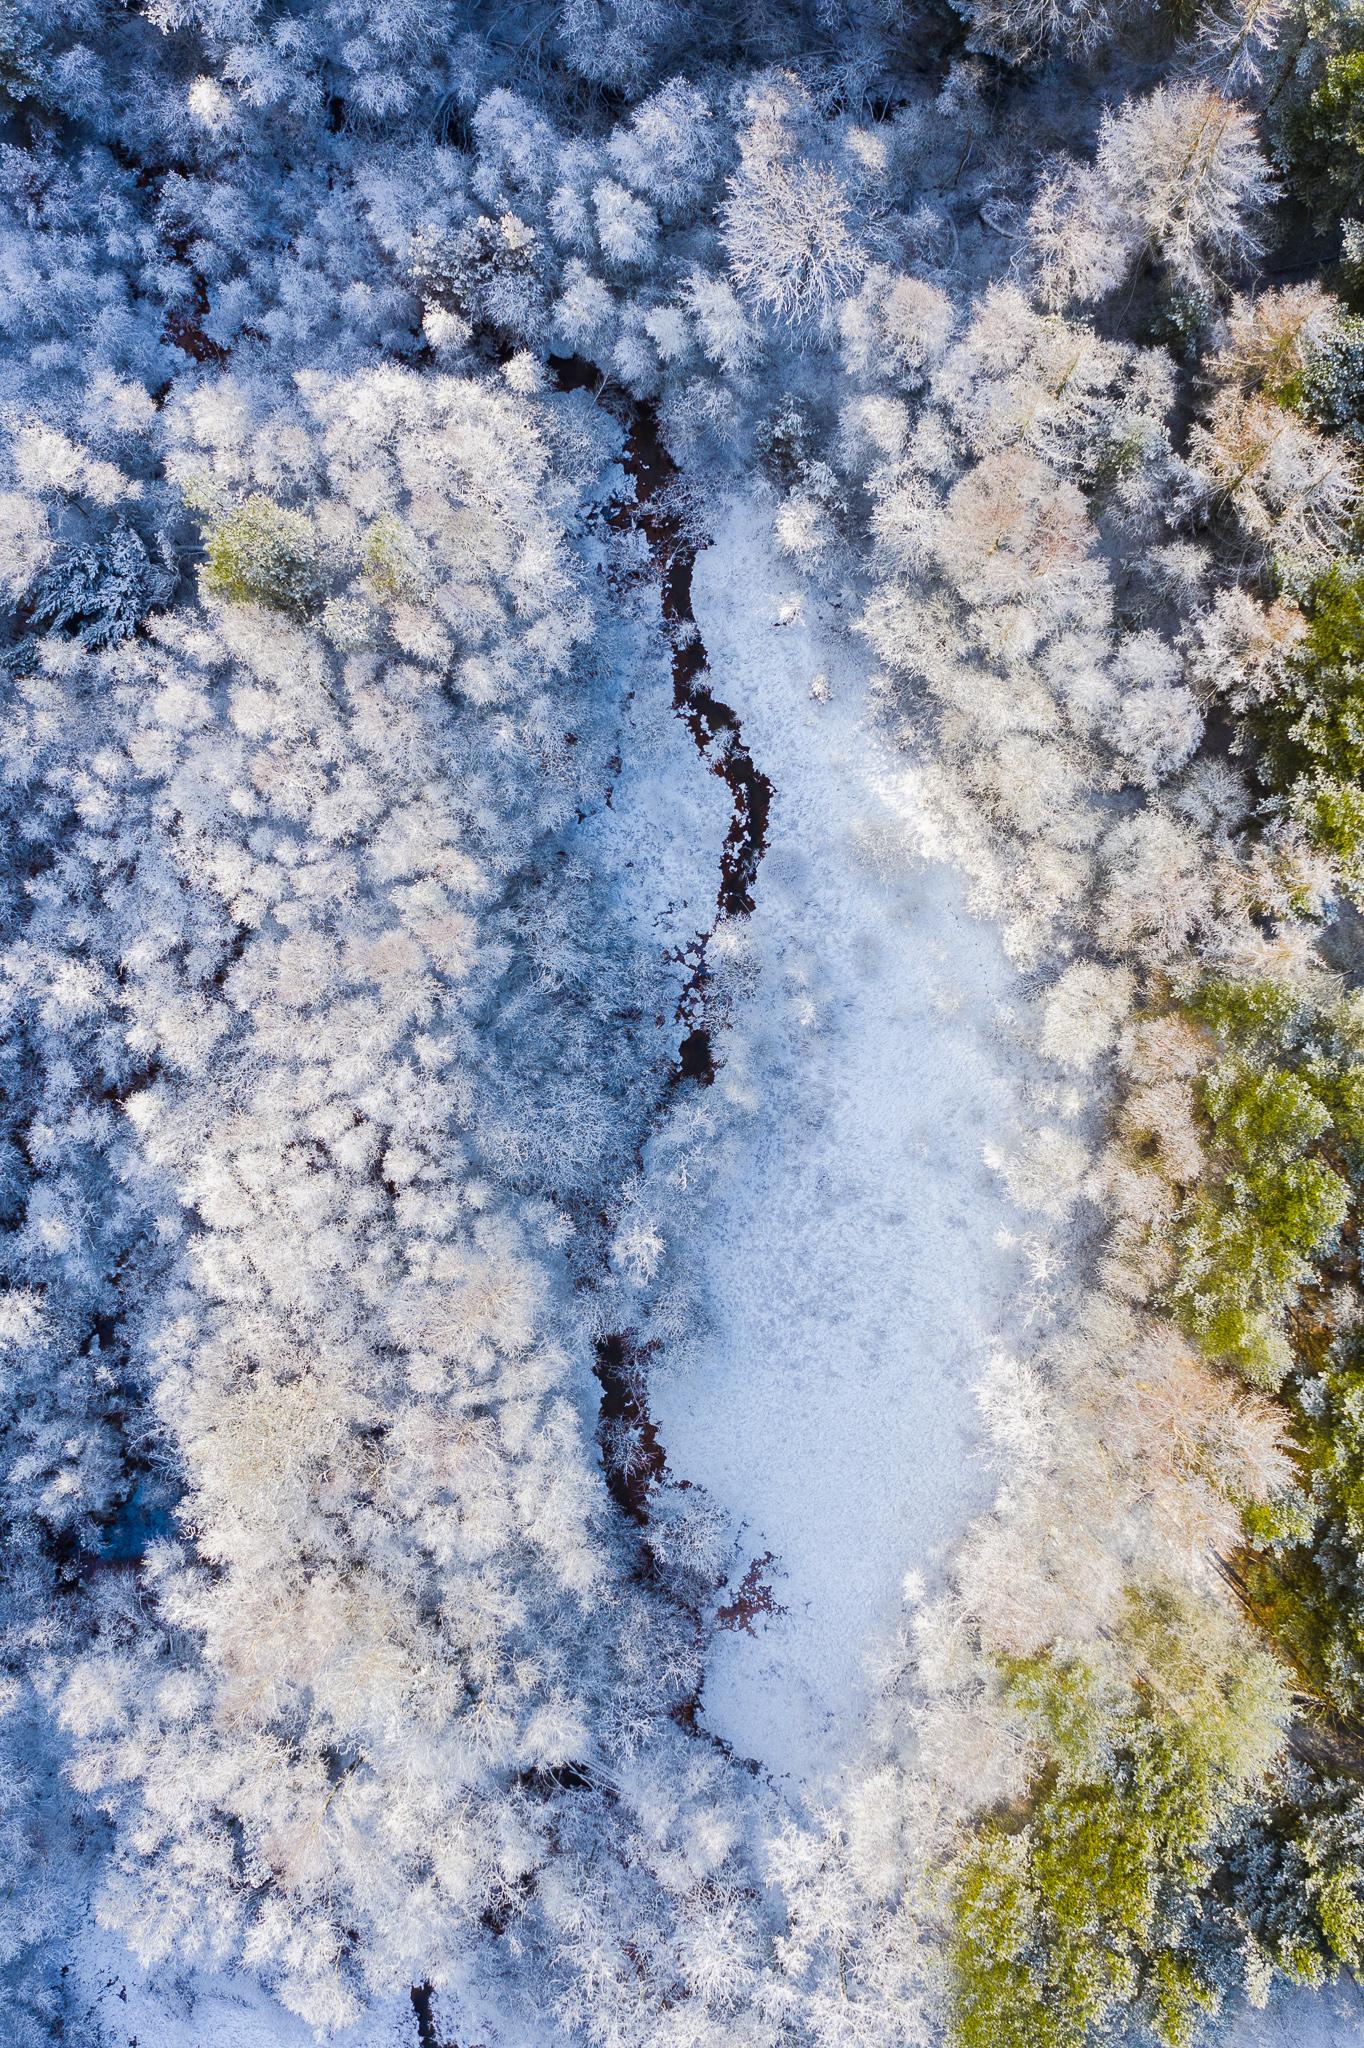 Vinter billeder fra luften af Danmark ved Herning